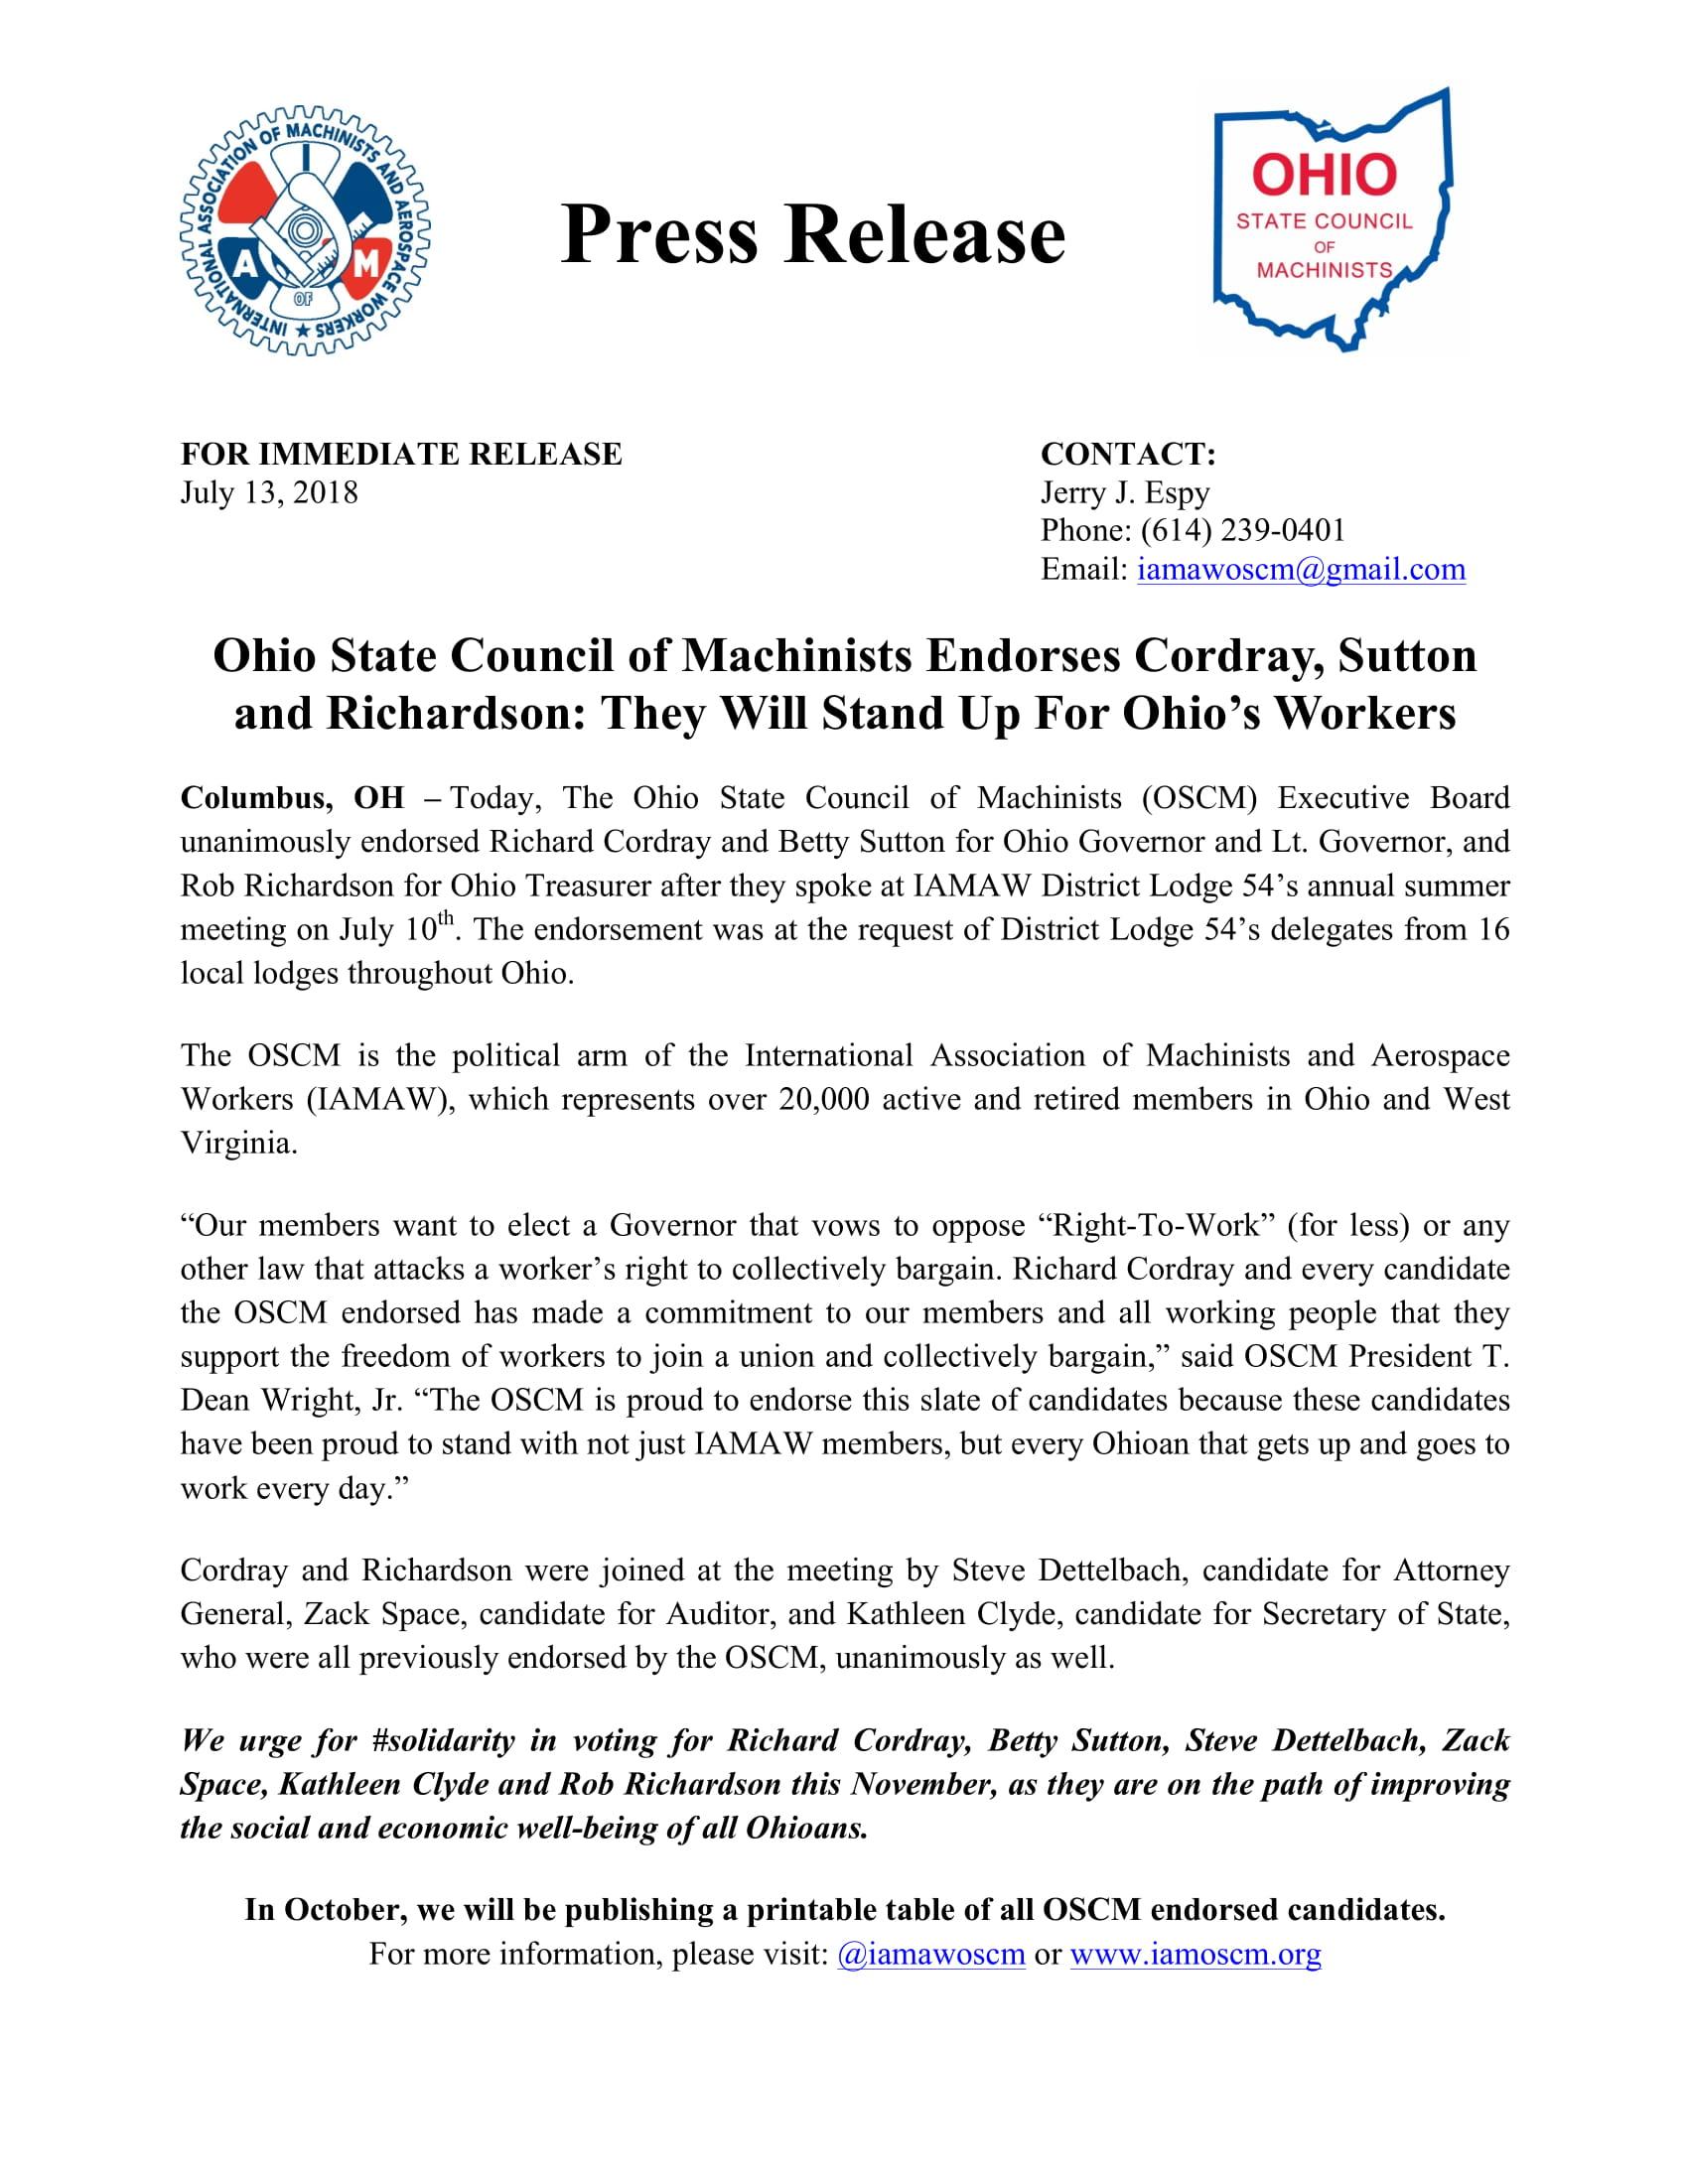 Press Release_OSCM Endorsements 071318-1.jpg